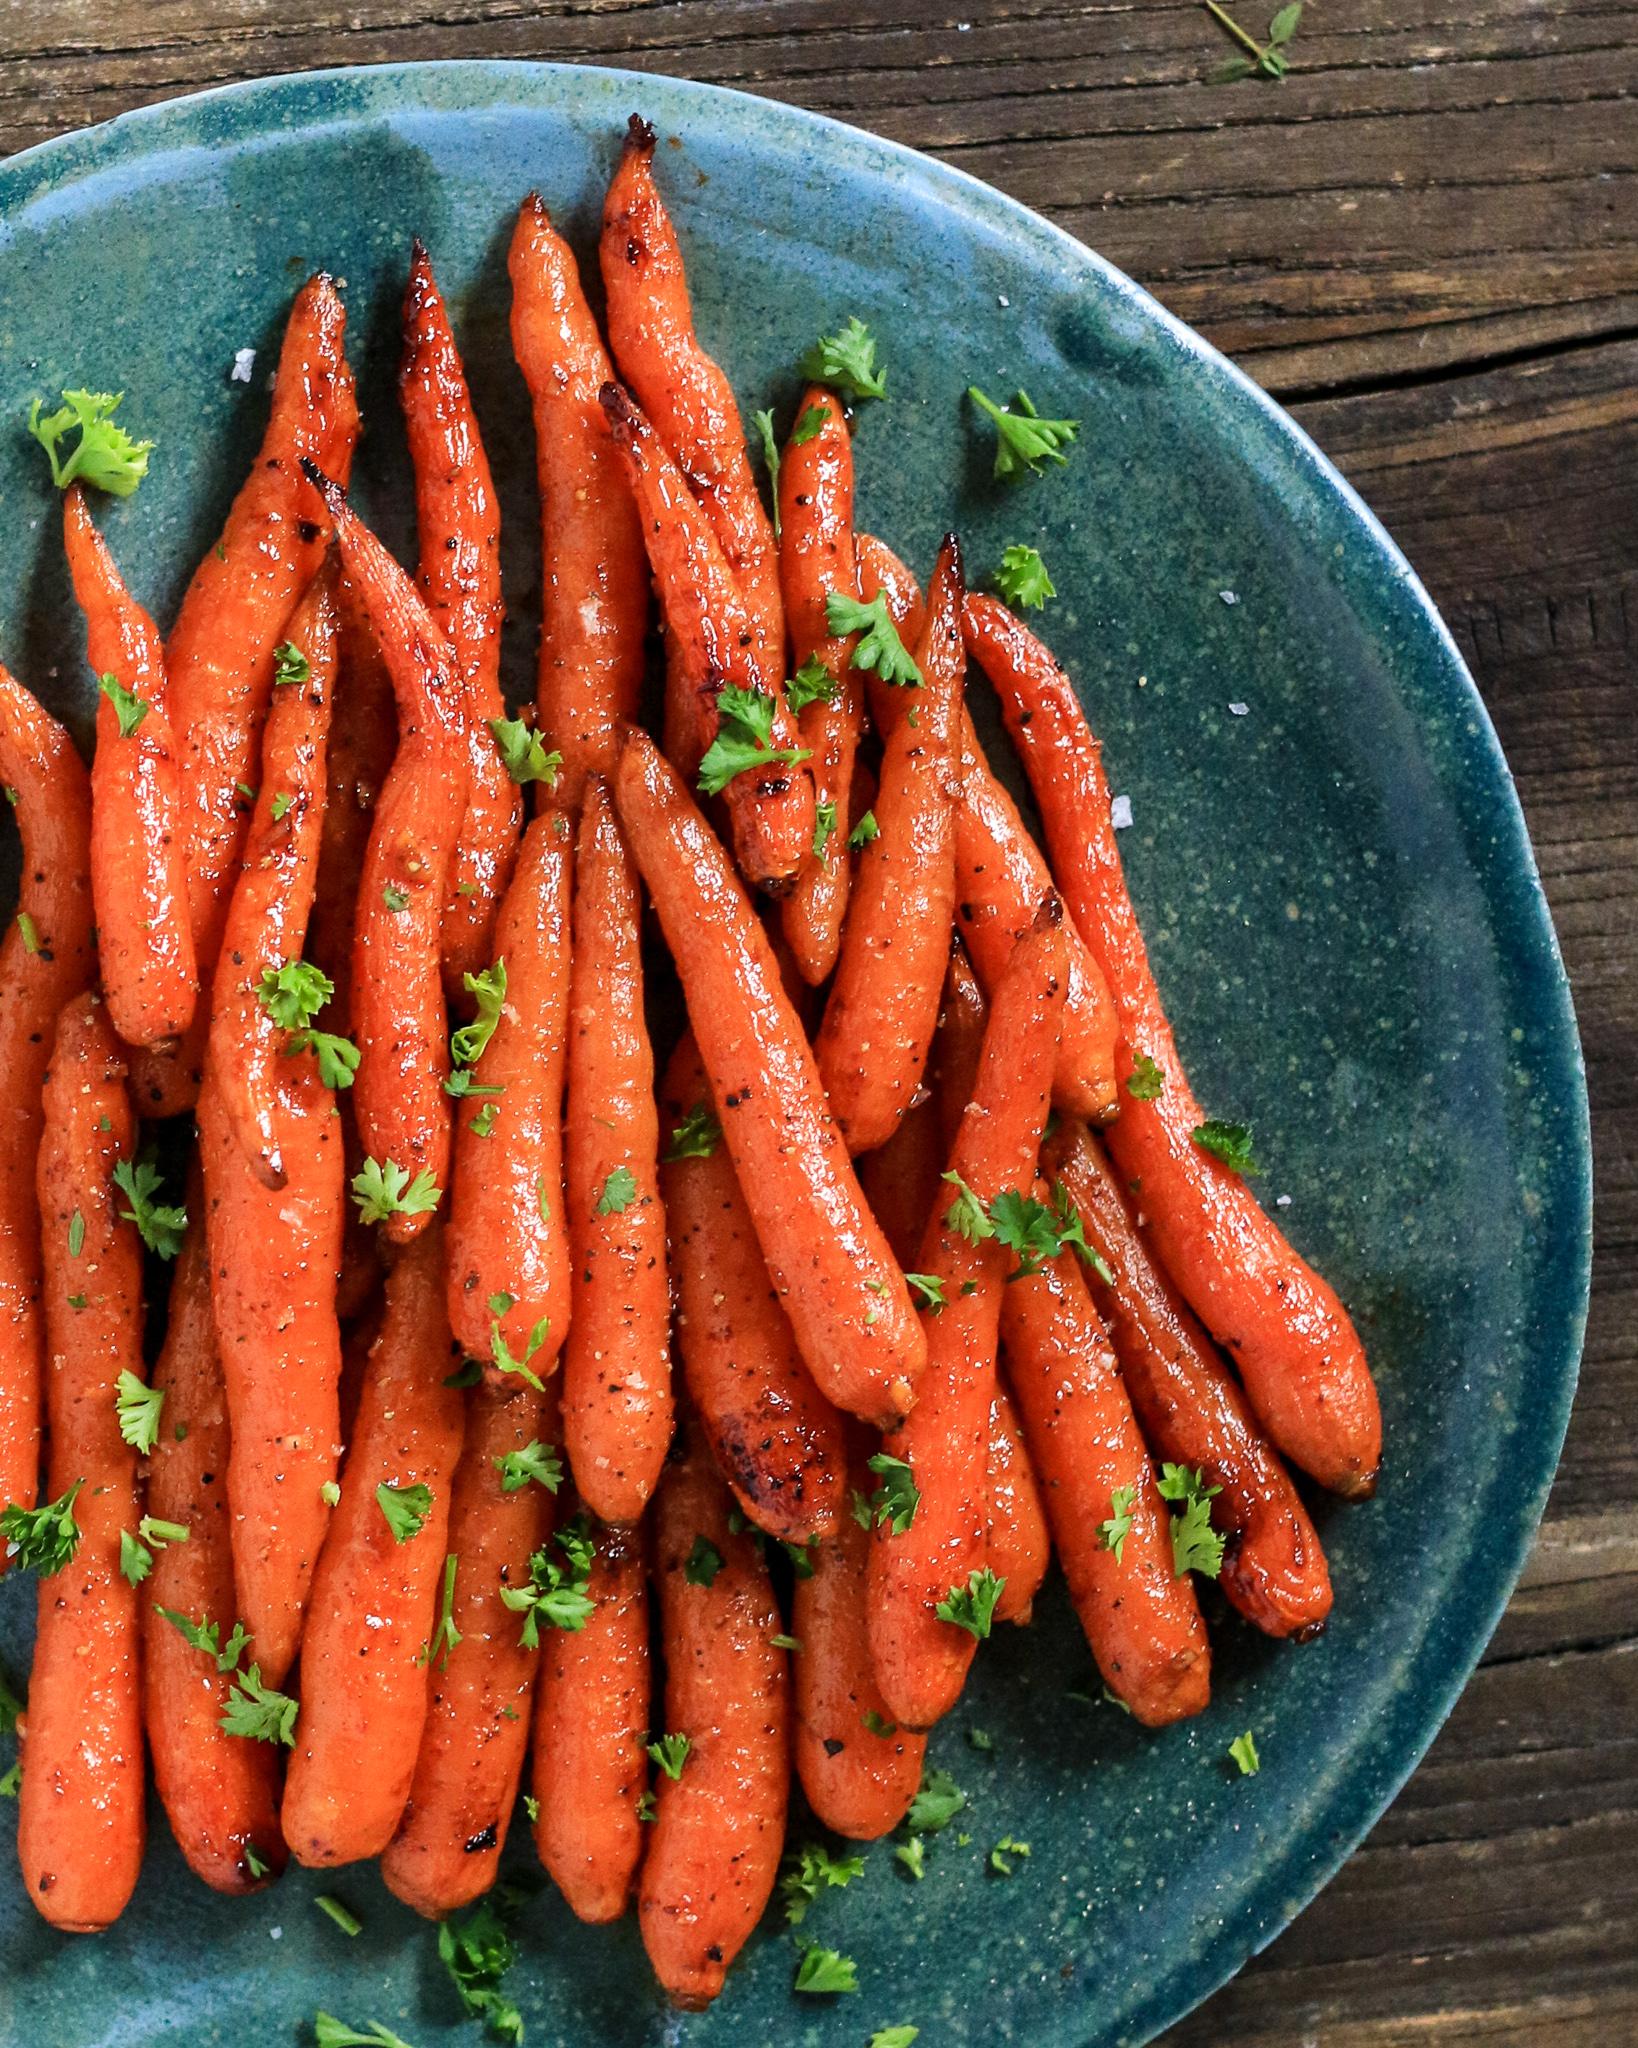 Roasted Carrots with Harissa Pomegranate Glaze